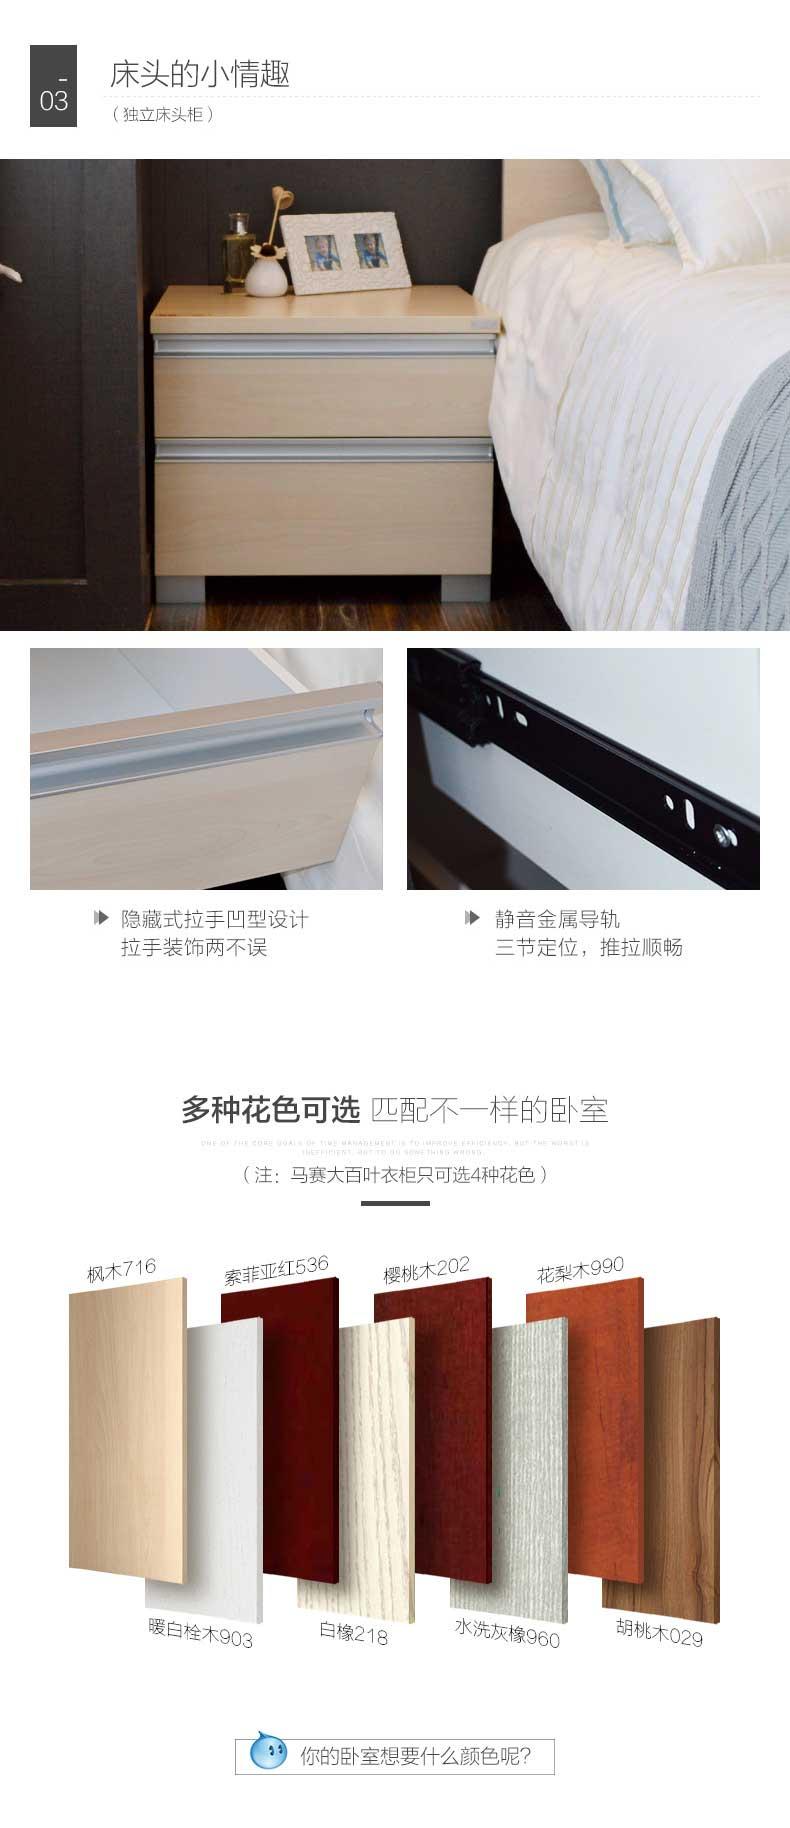 索菲亞-臥室家具三件套-整體衣柜定制_08.jpg